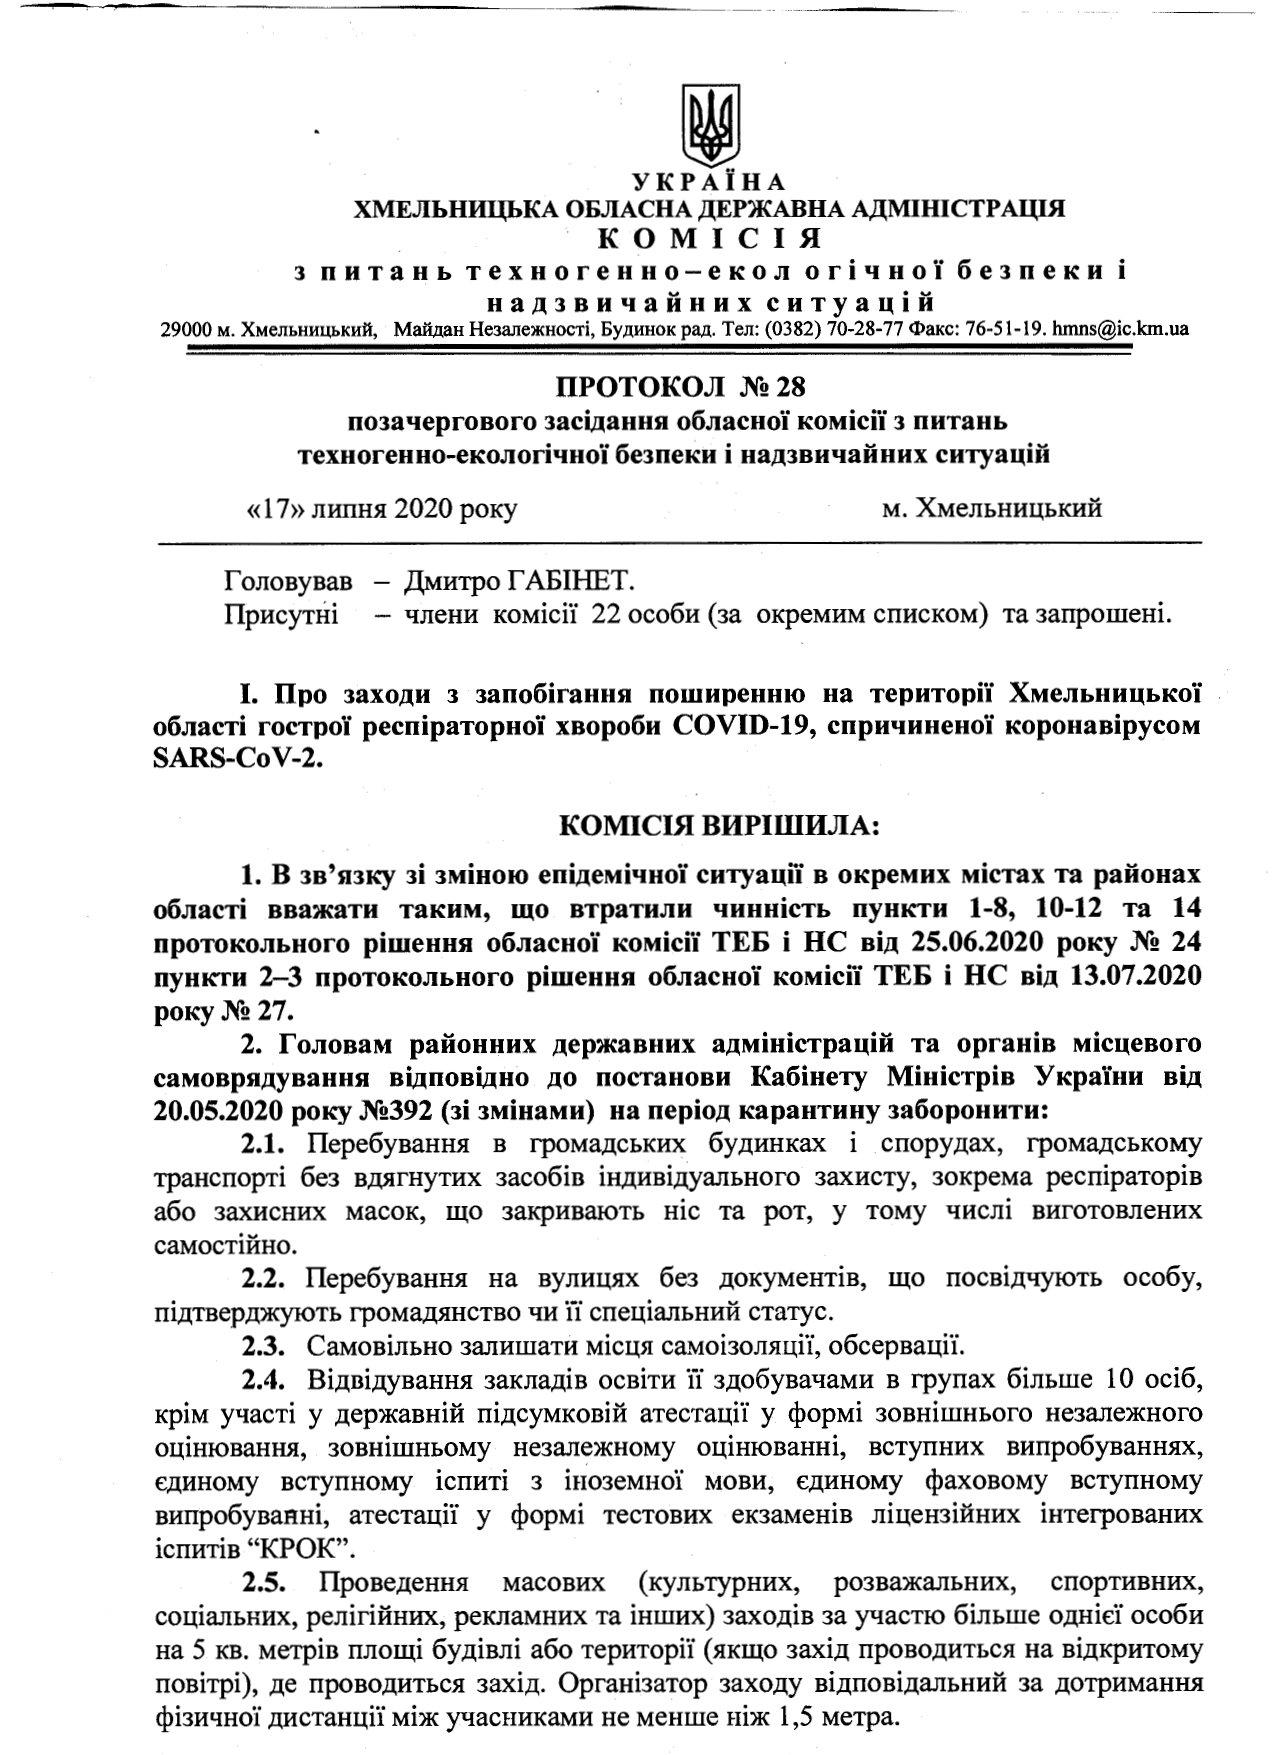 Хмельницька ОДА скасувала посилення карантину для Кам'янця-Подільського, фото-1